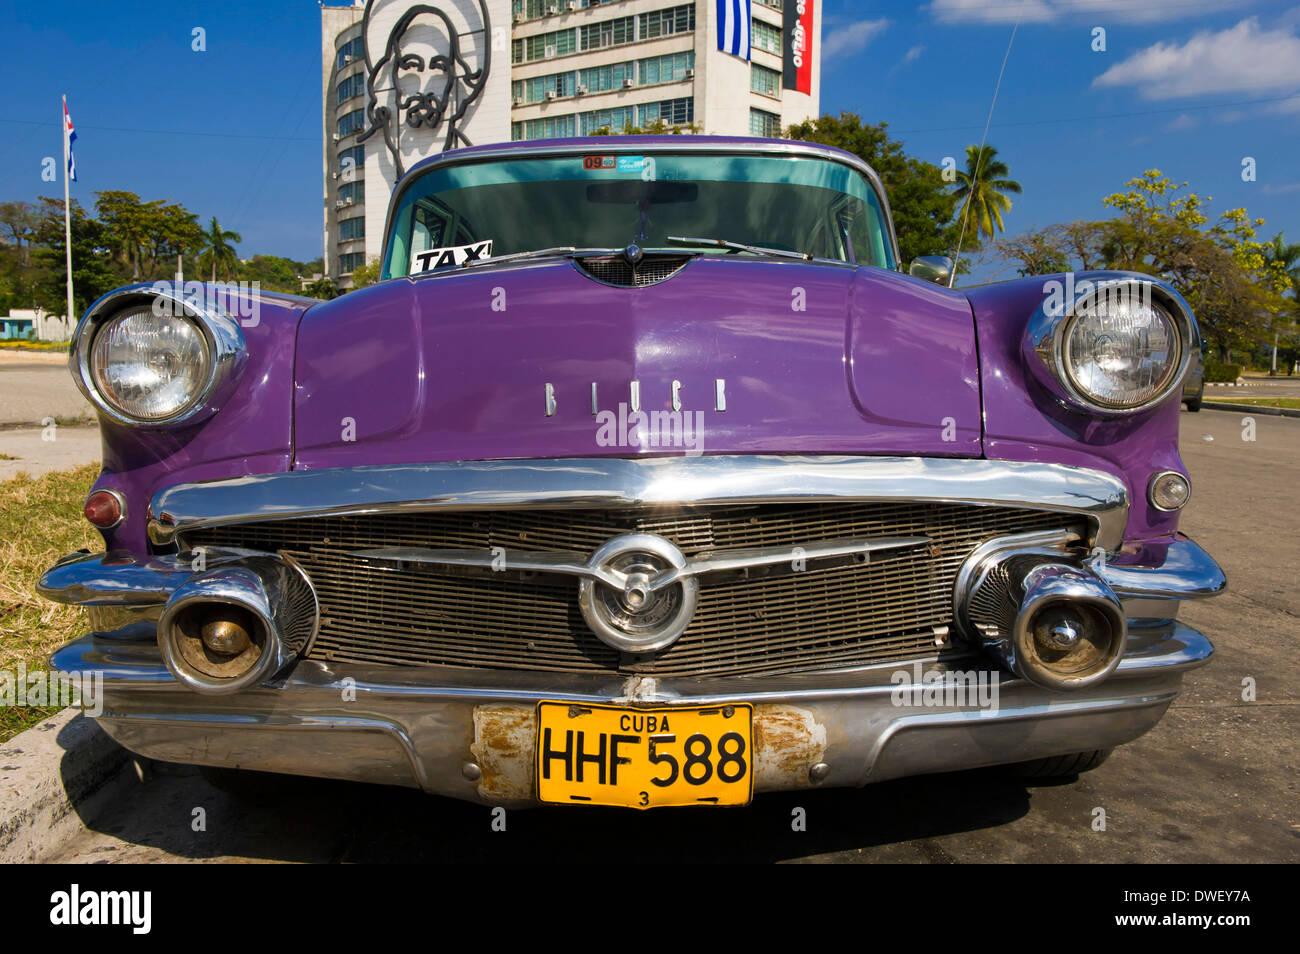 Oldtimer, Havana - Stock Image